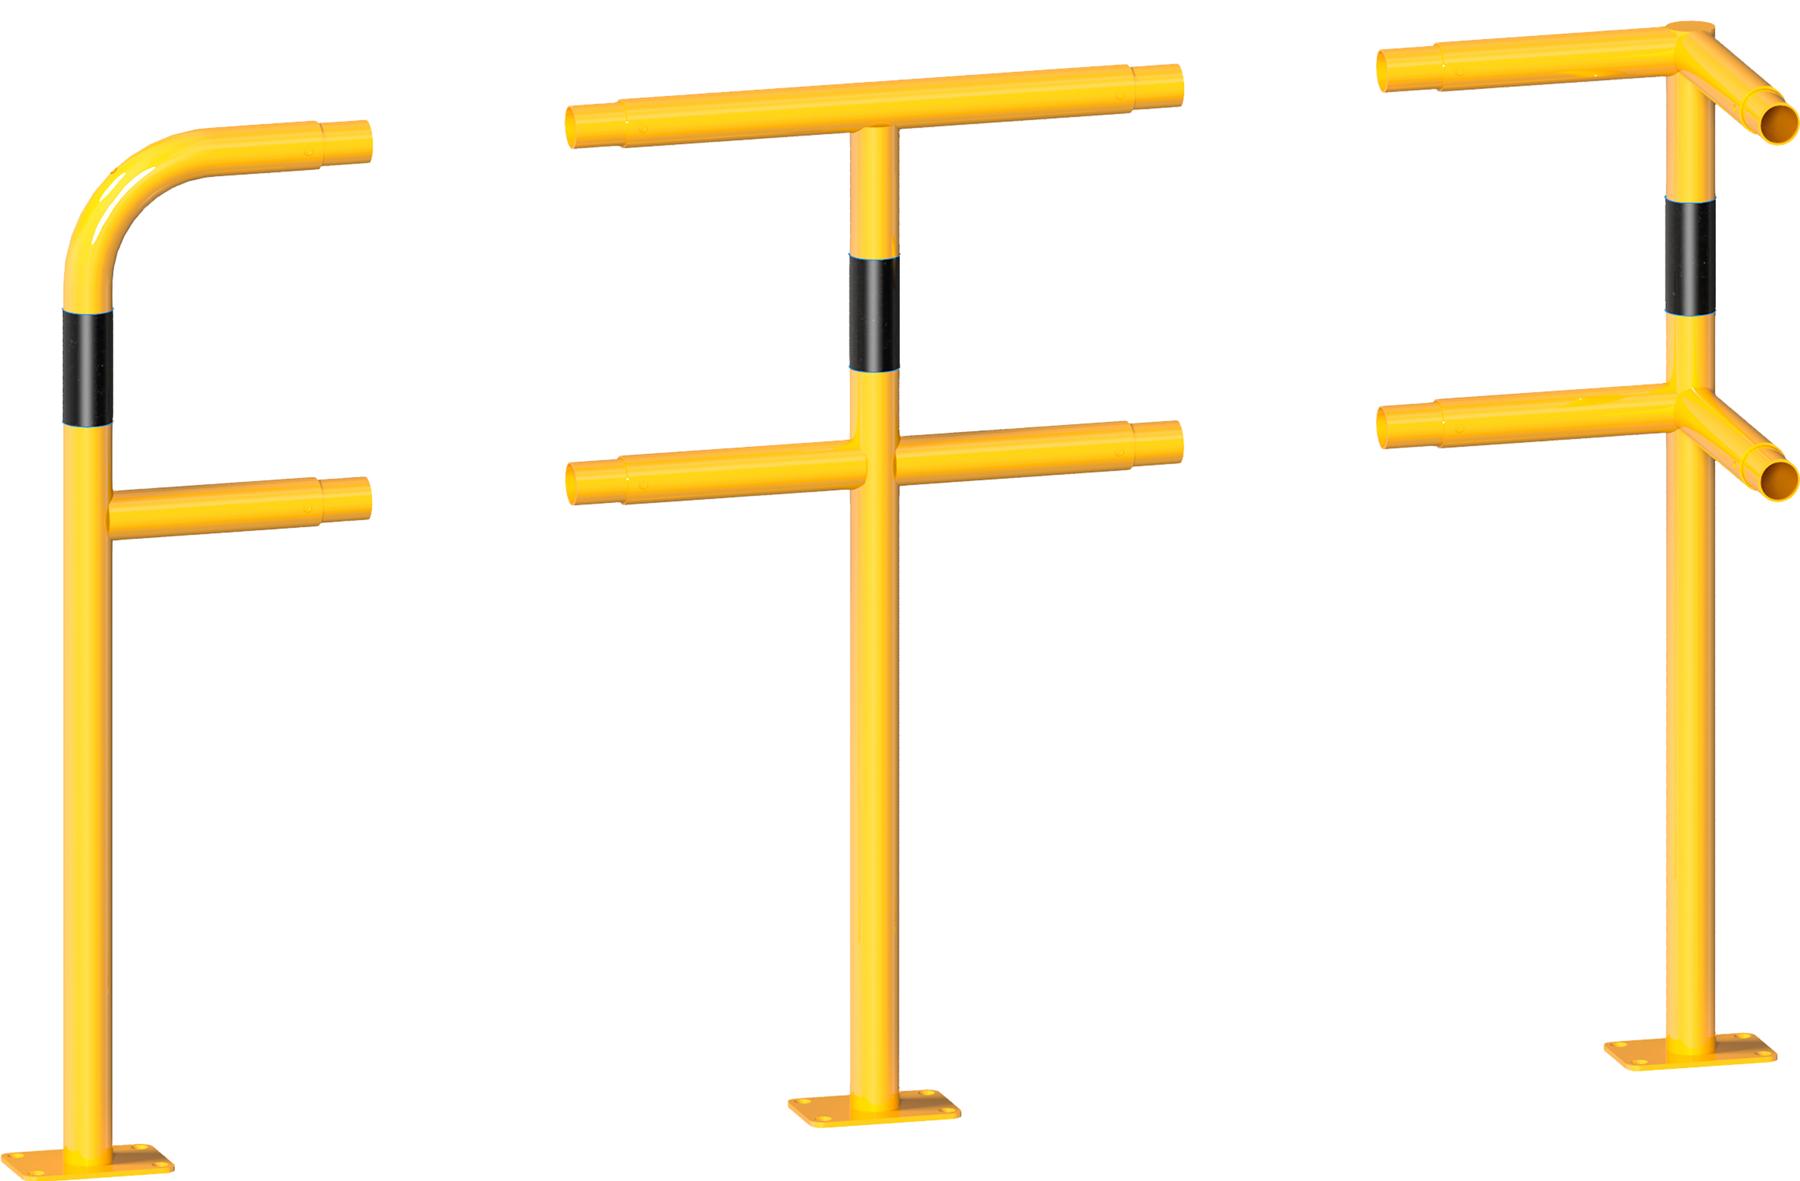 Schake Schutzgeländer Stahl Stecksystem Pfosten Ø 48 mm gelb | schwarz